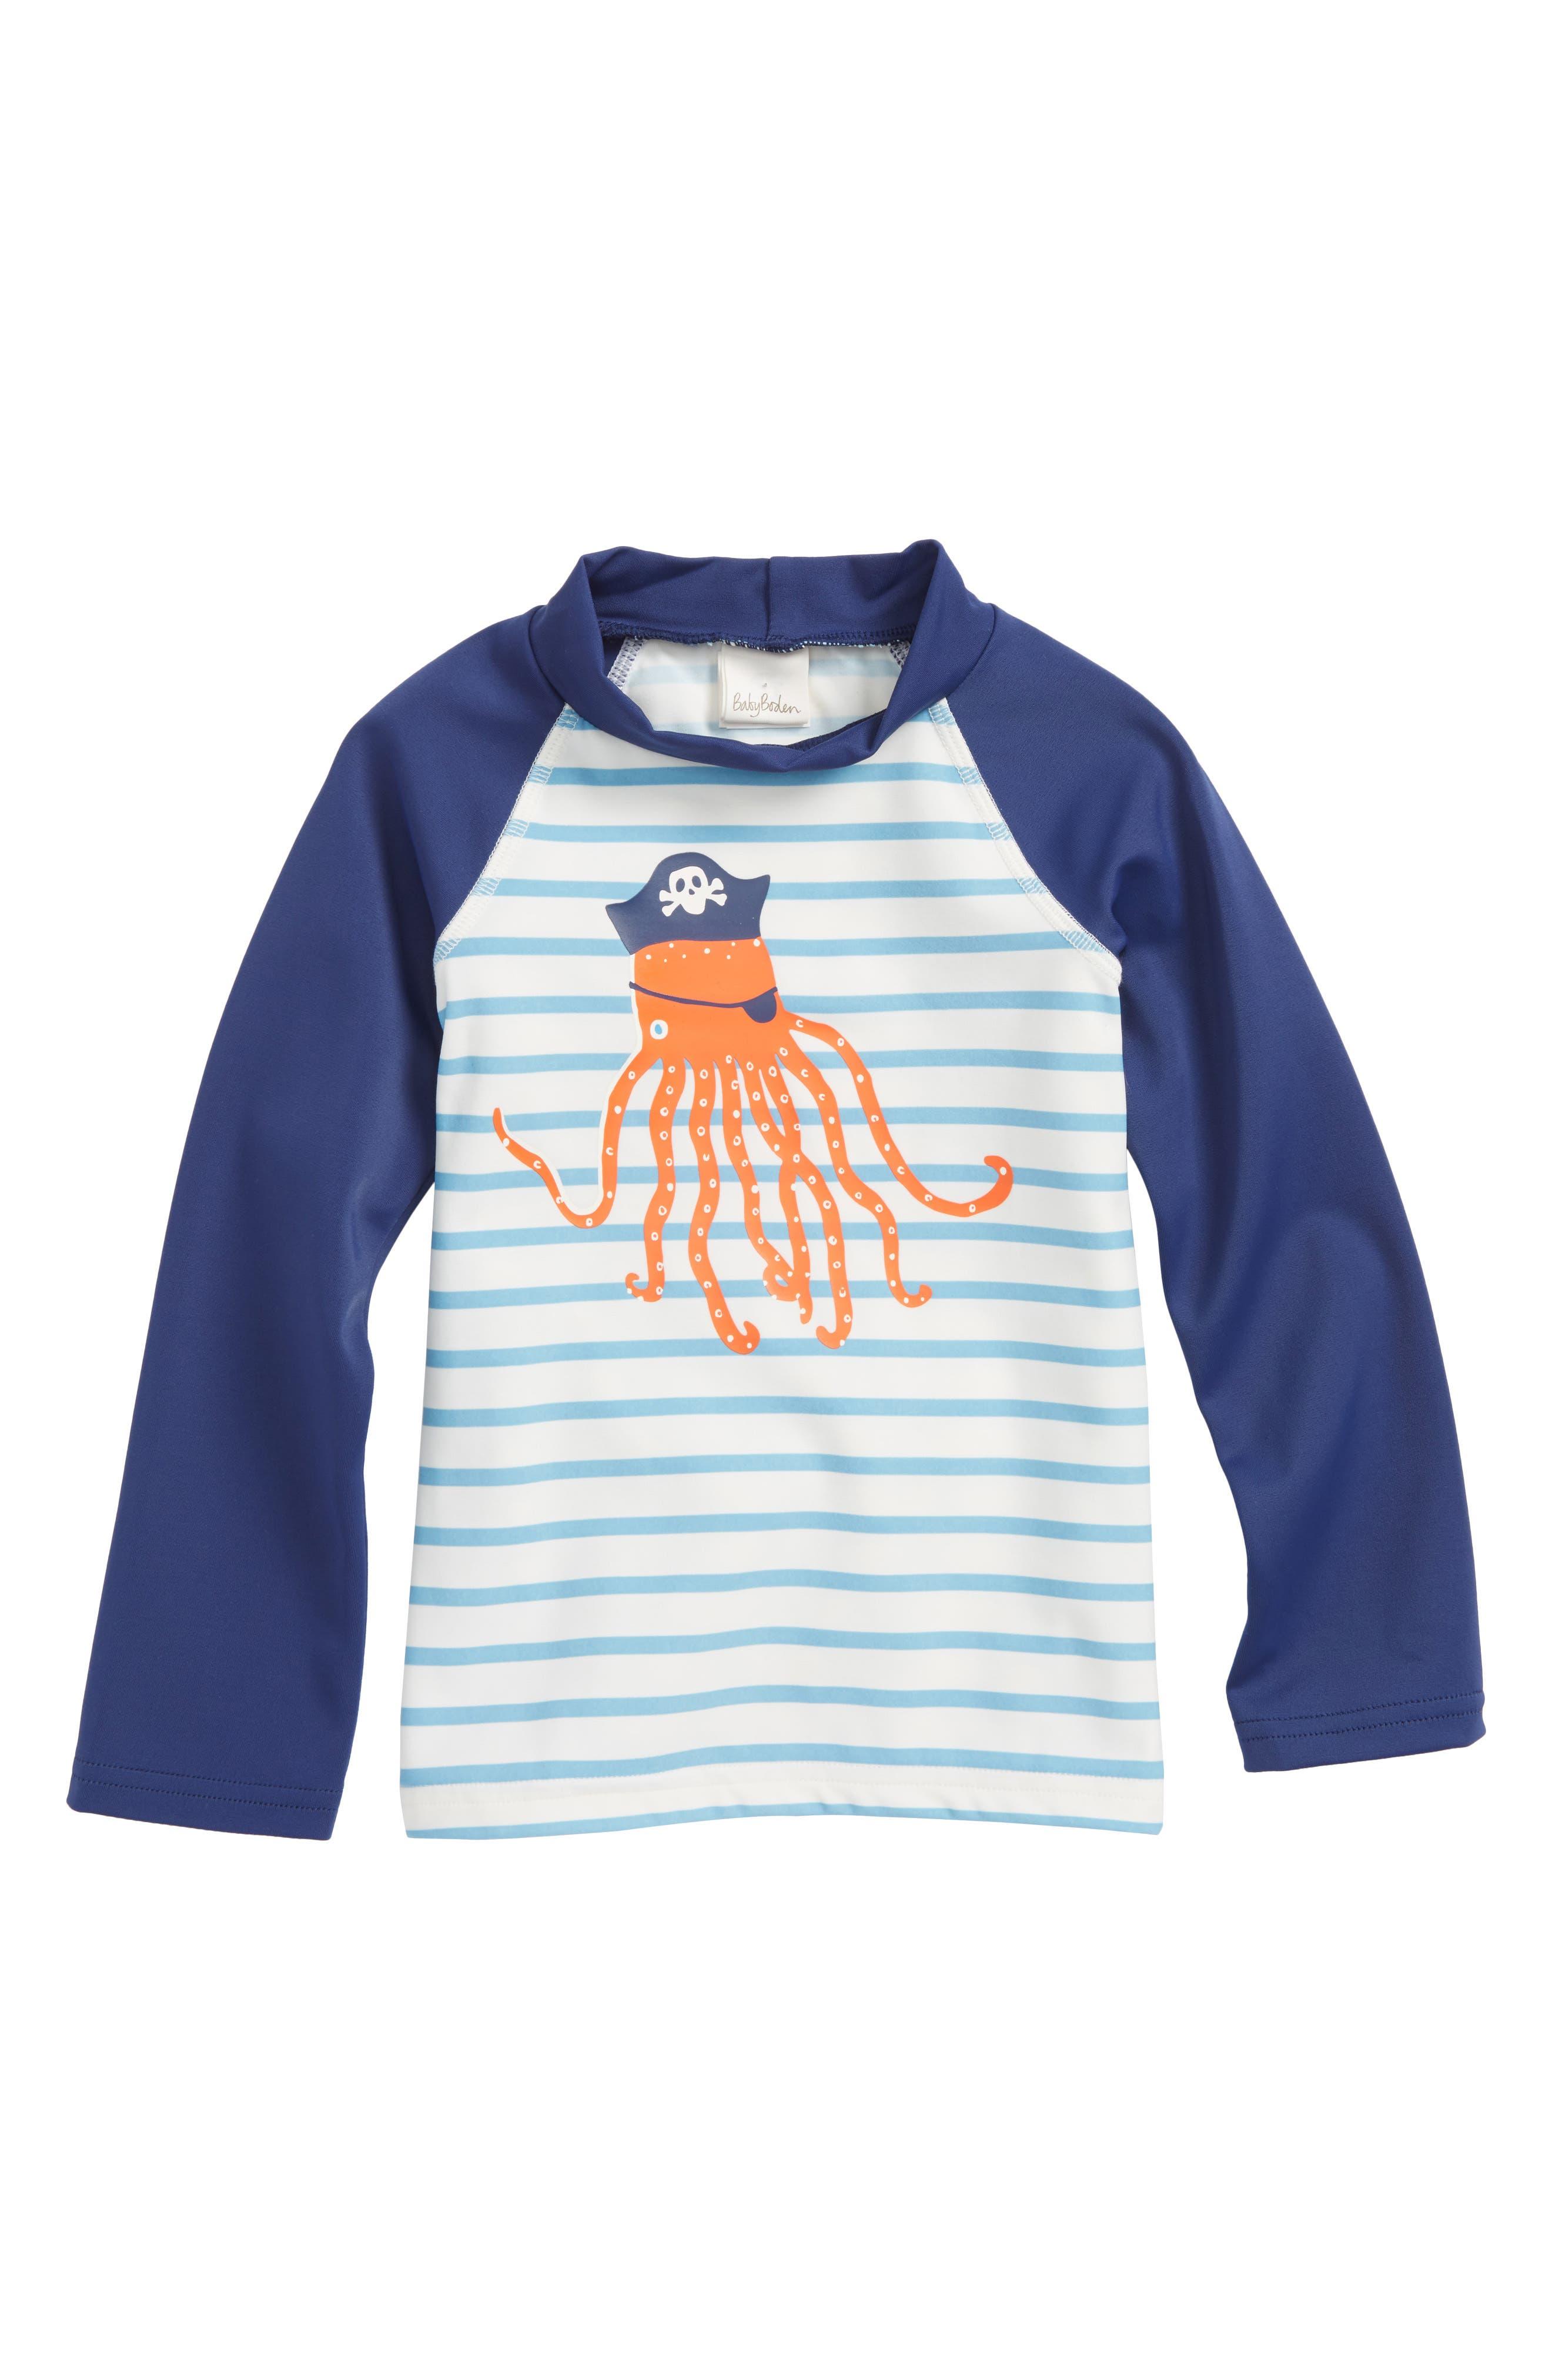 Sea Creature Rashguard,                         Main,                         color,